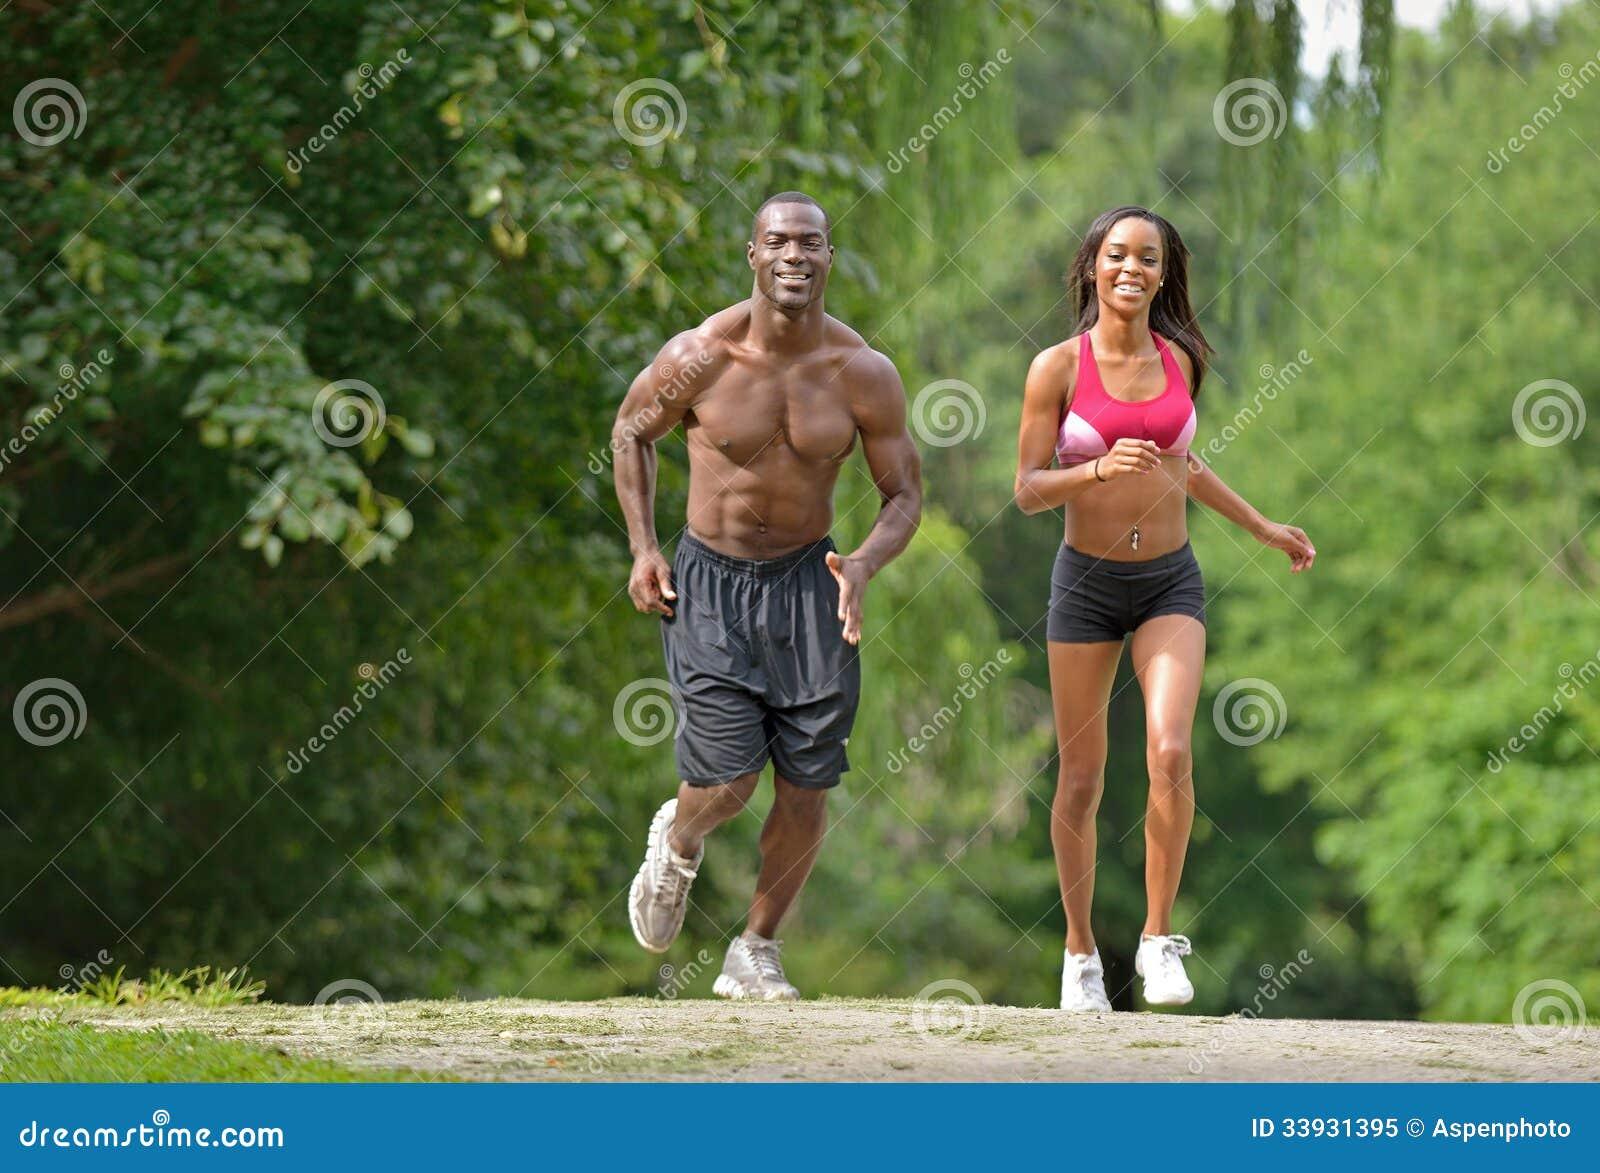 Pares afro-americanos atléticos e aptos - movimentando-se em um parque